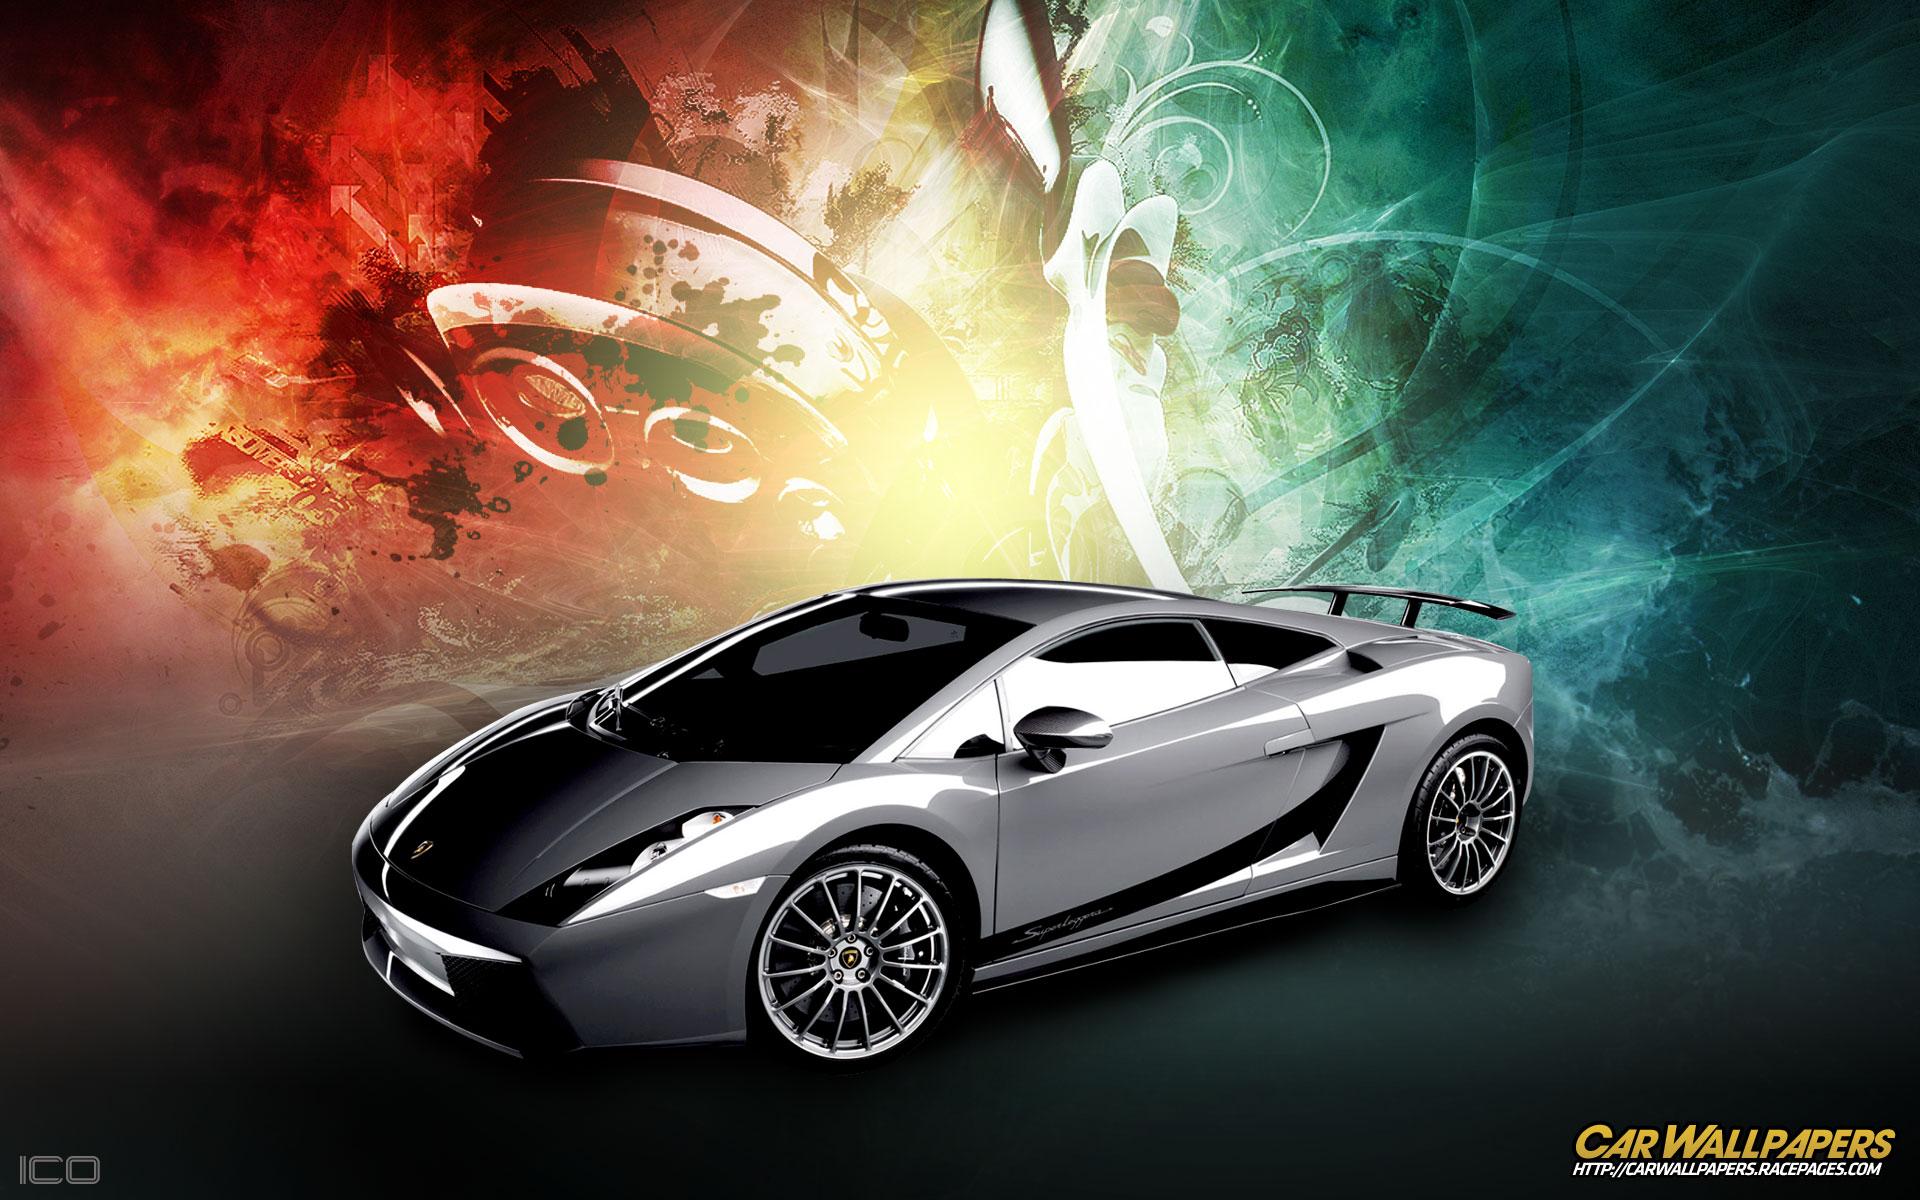 Lamborghini Gallardo Screensaver Keyword wallpapers HD   172191 1920x1200